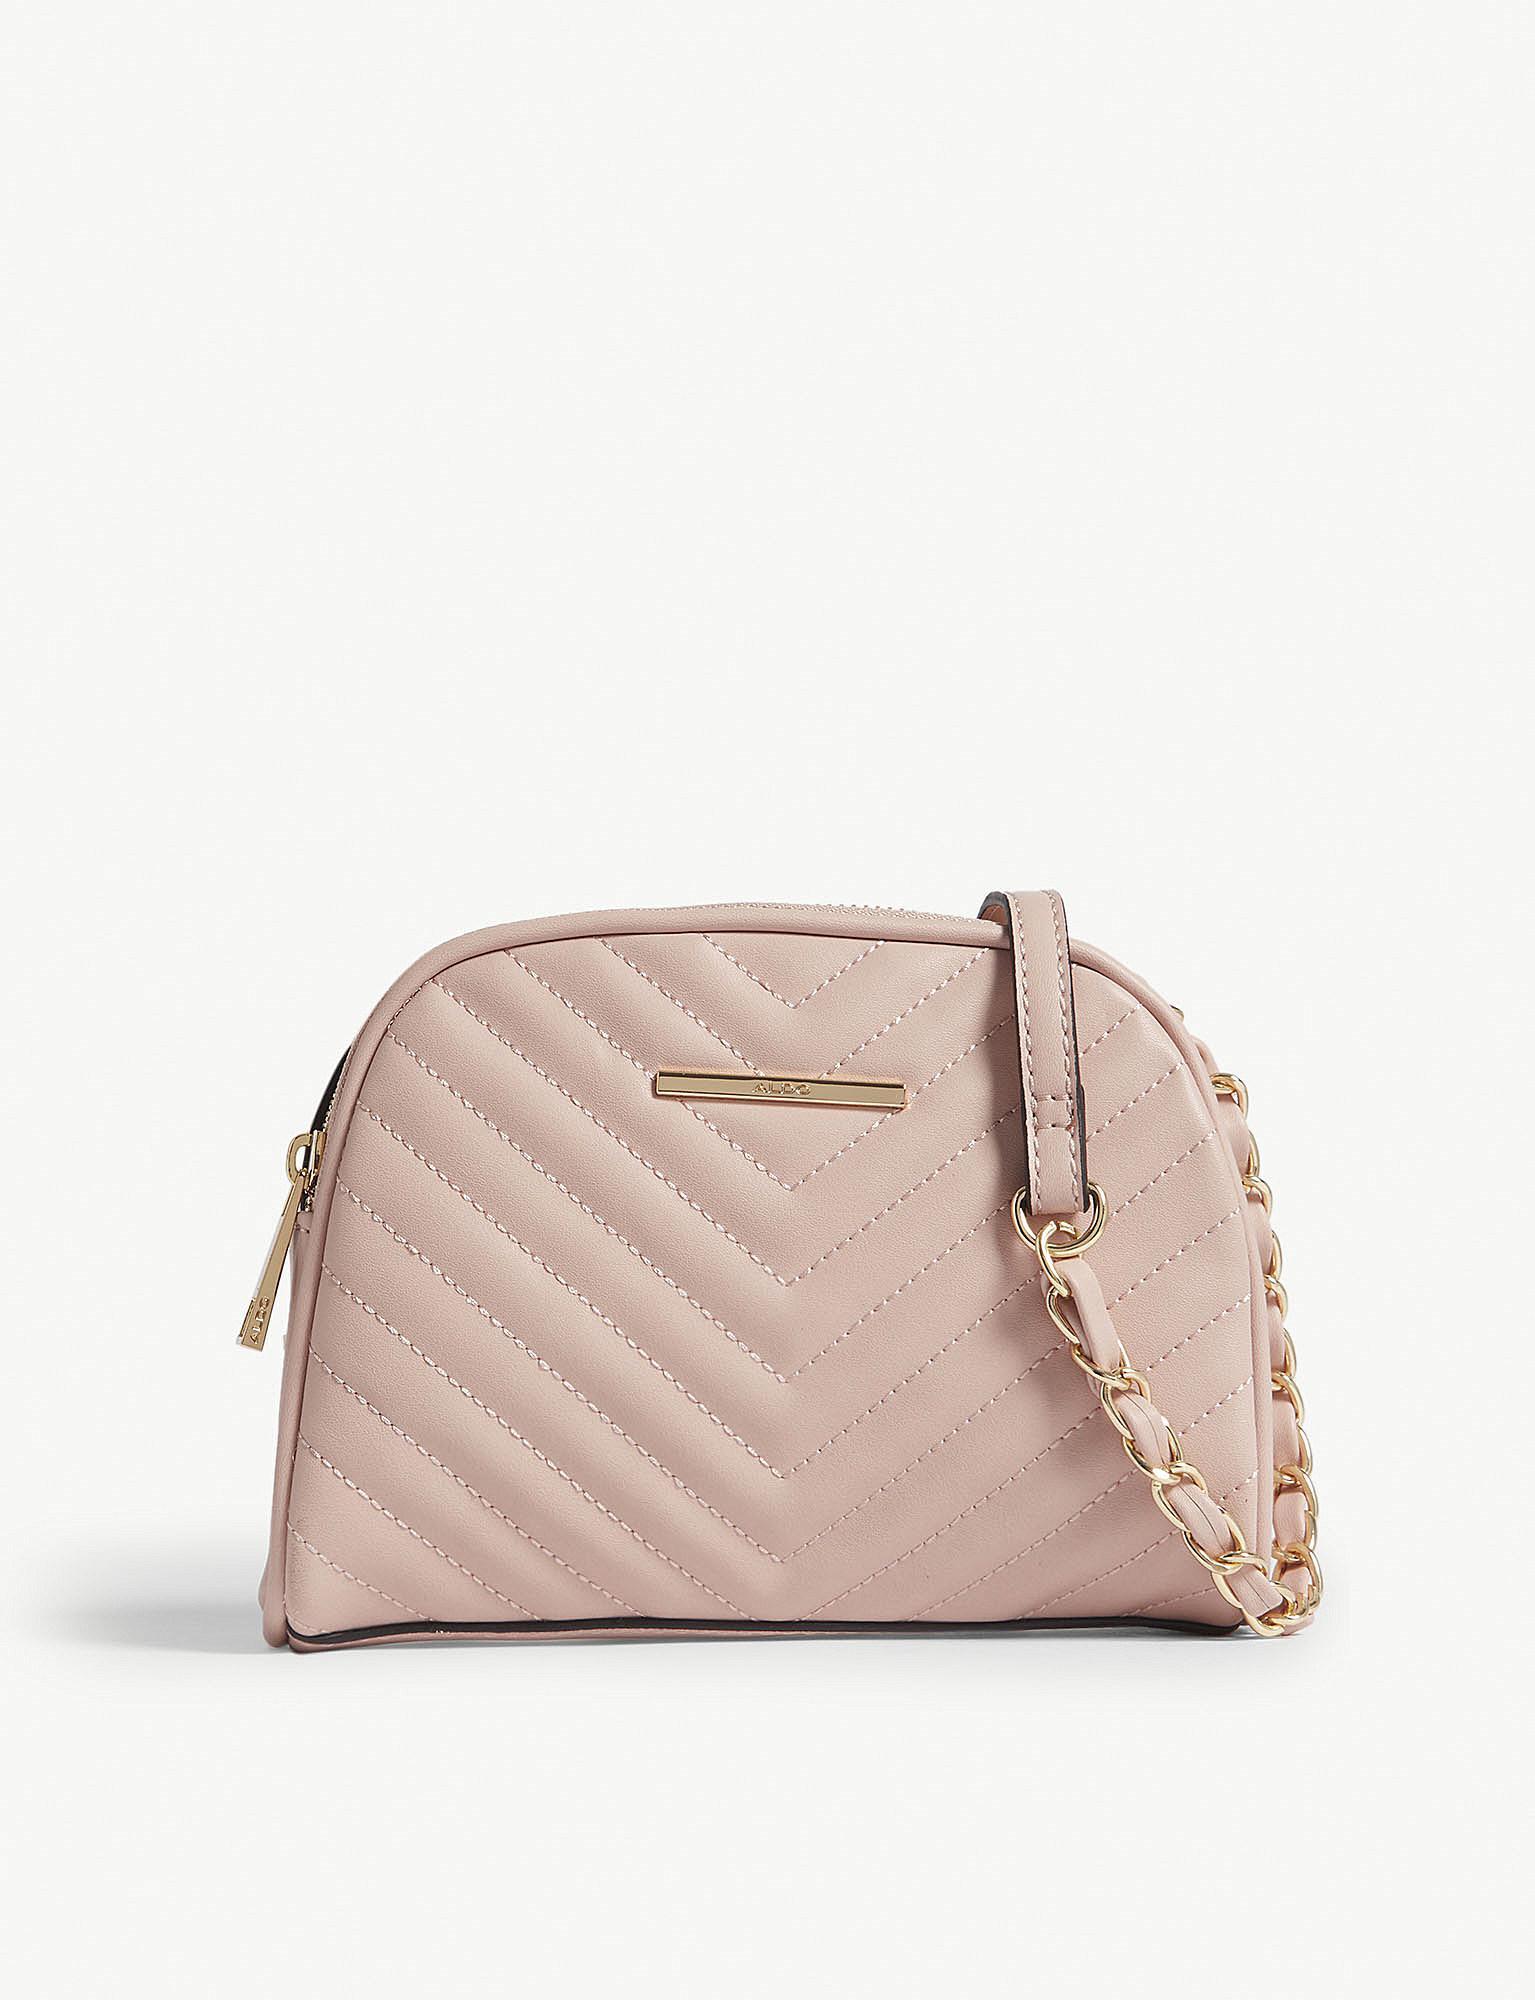 0a4b9545da Lyst - ALDO Dorolora Quilted Cross-body Bag in Pink